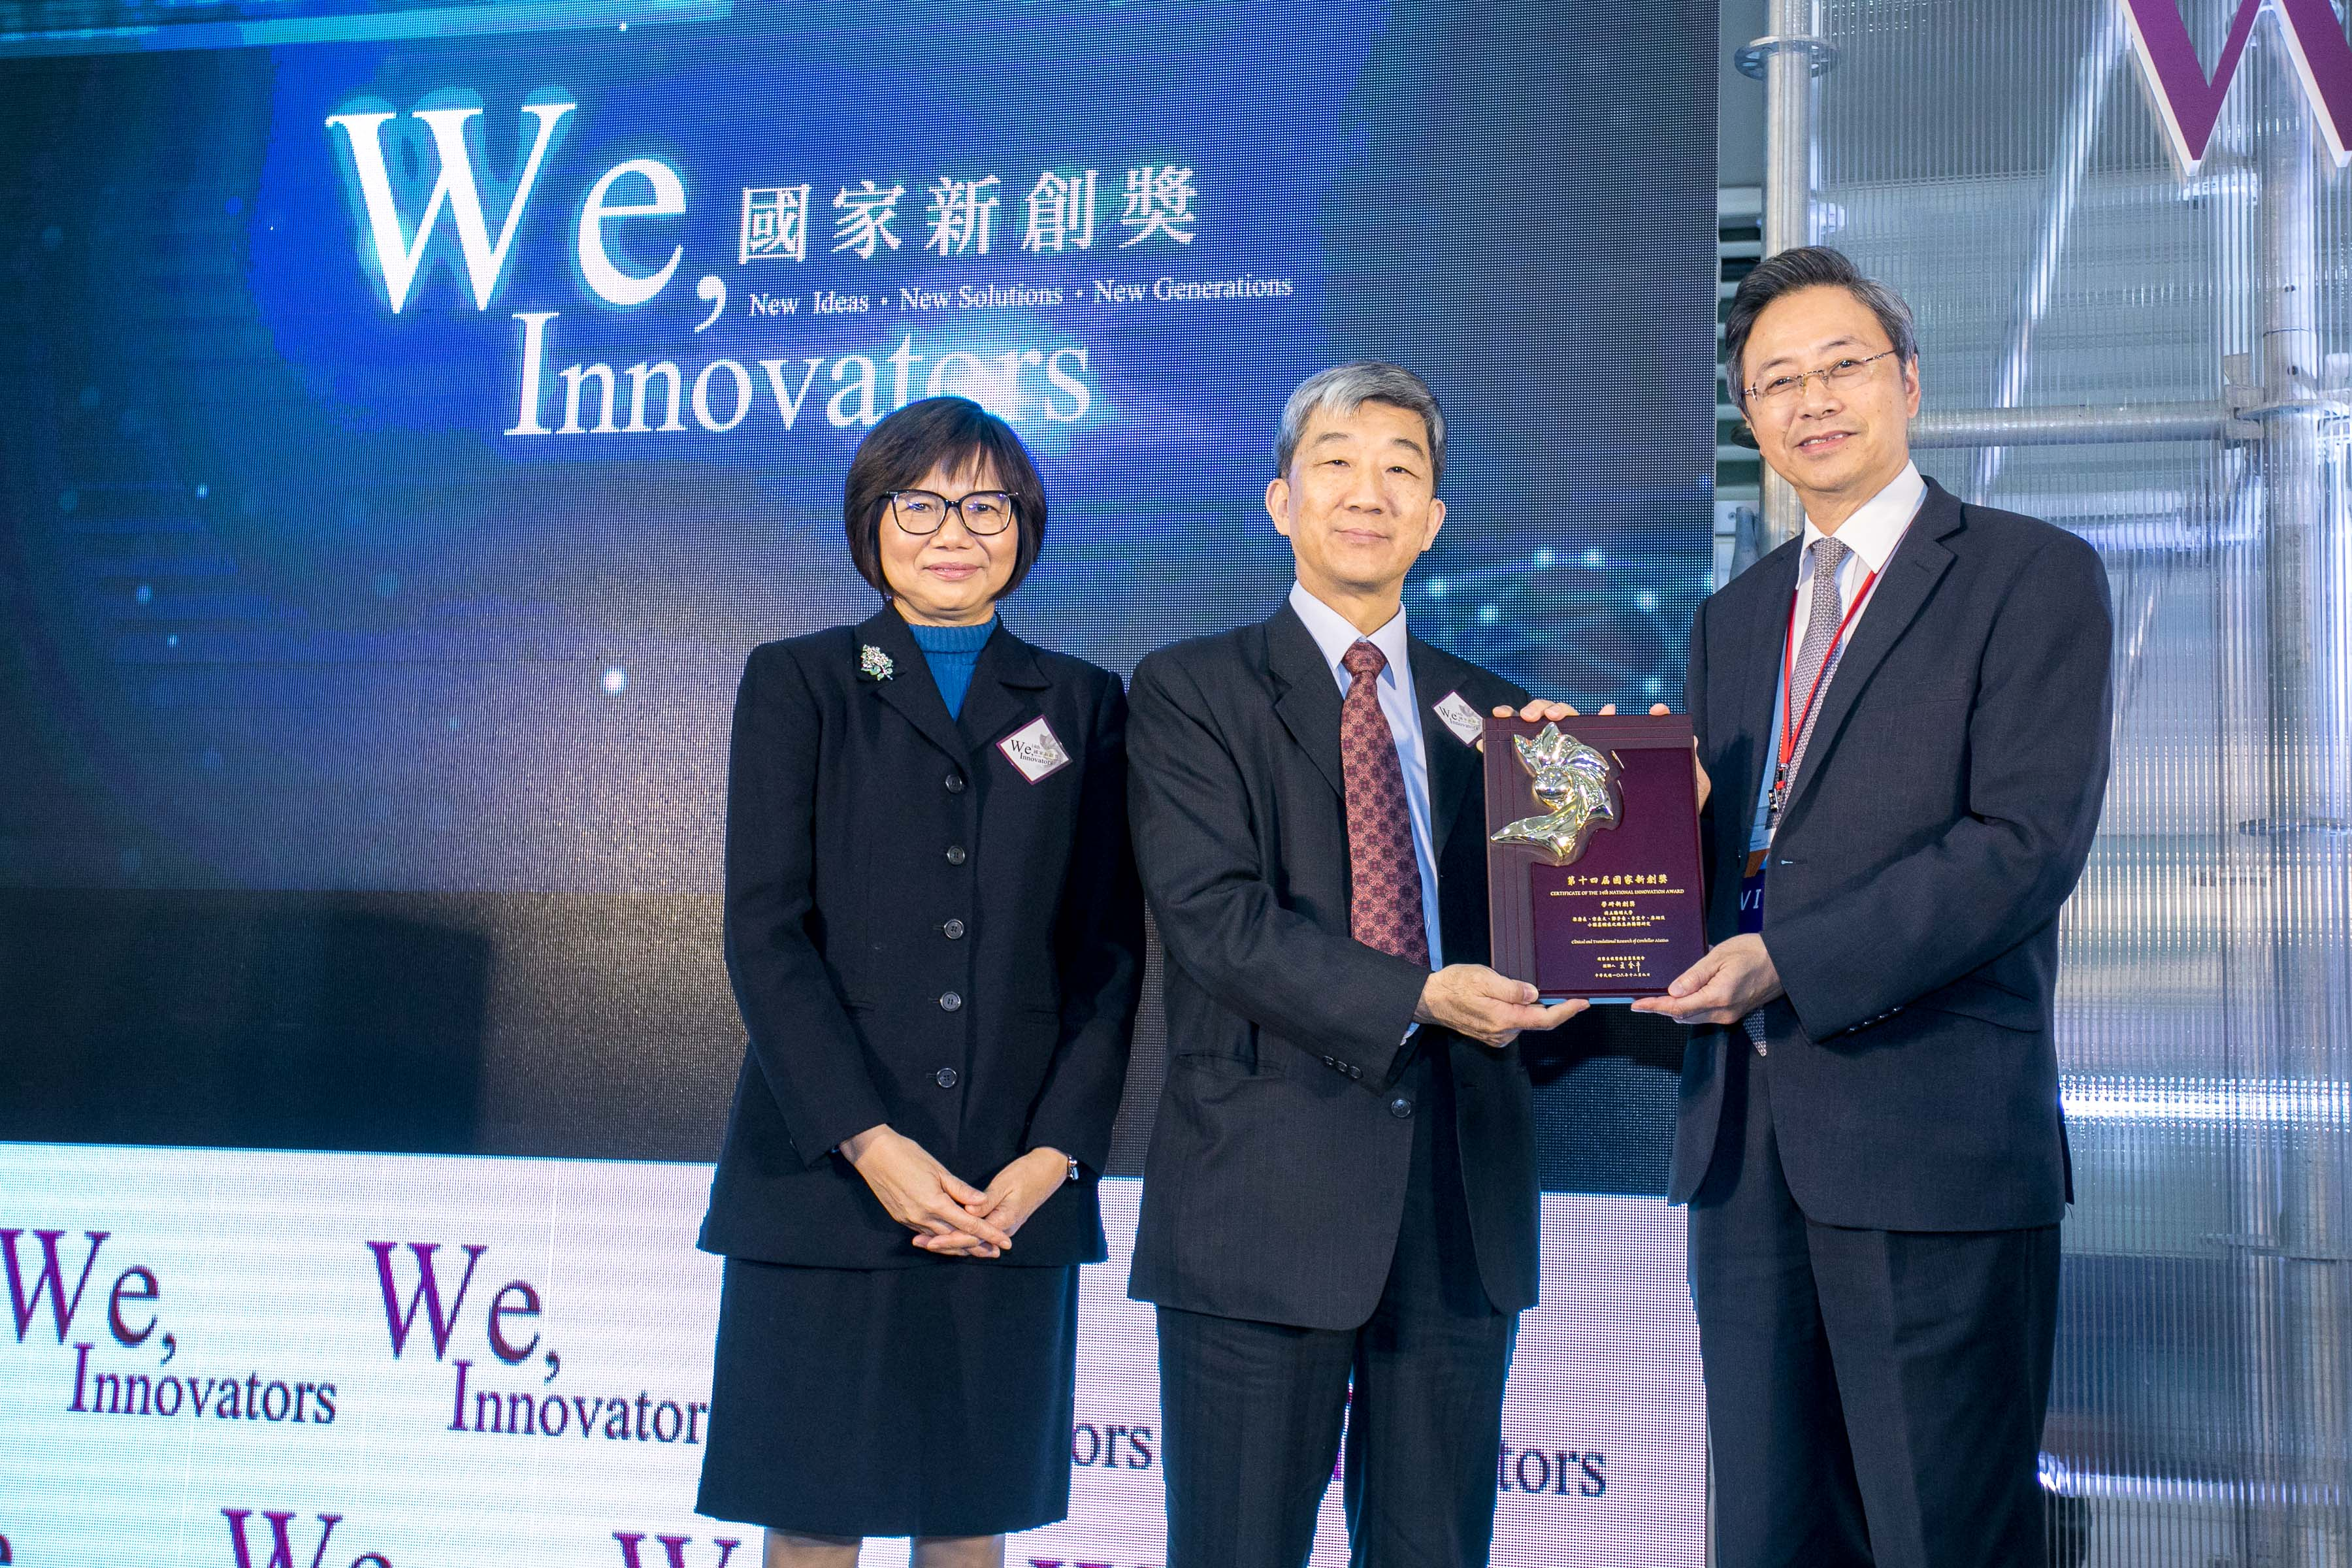 學研新創 製藥及新醫療技術組獲獎